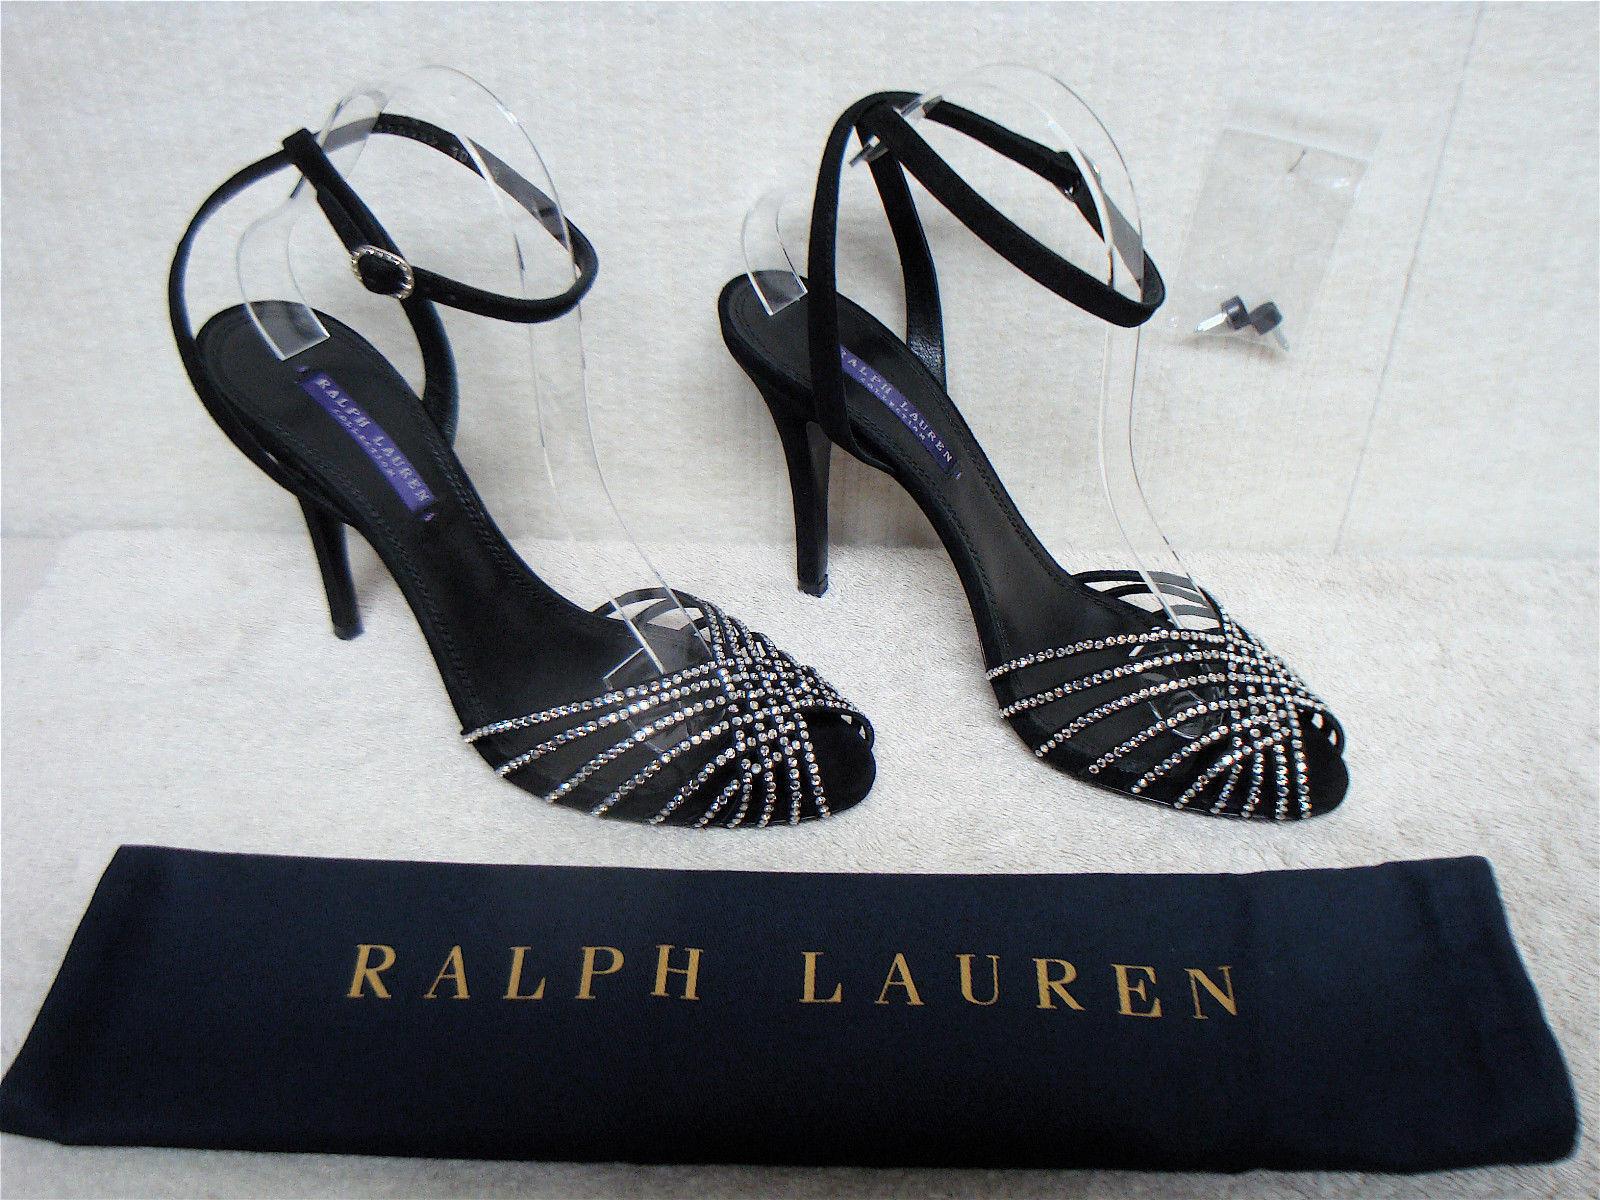 Garanzia di vestibilità al 100% RALPH RALPH RALPH LAUREN BARANIA BLK SUEDE w STONES ANKLE STRAP HEEL SANDAL 9.5B 39.5 ITALY  economico e di alta qualità